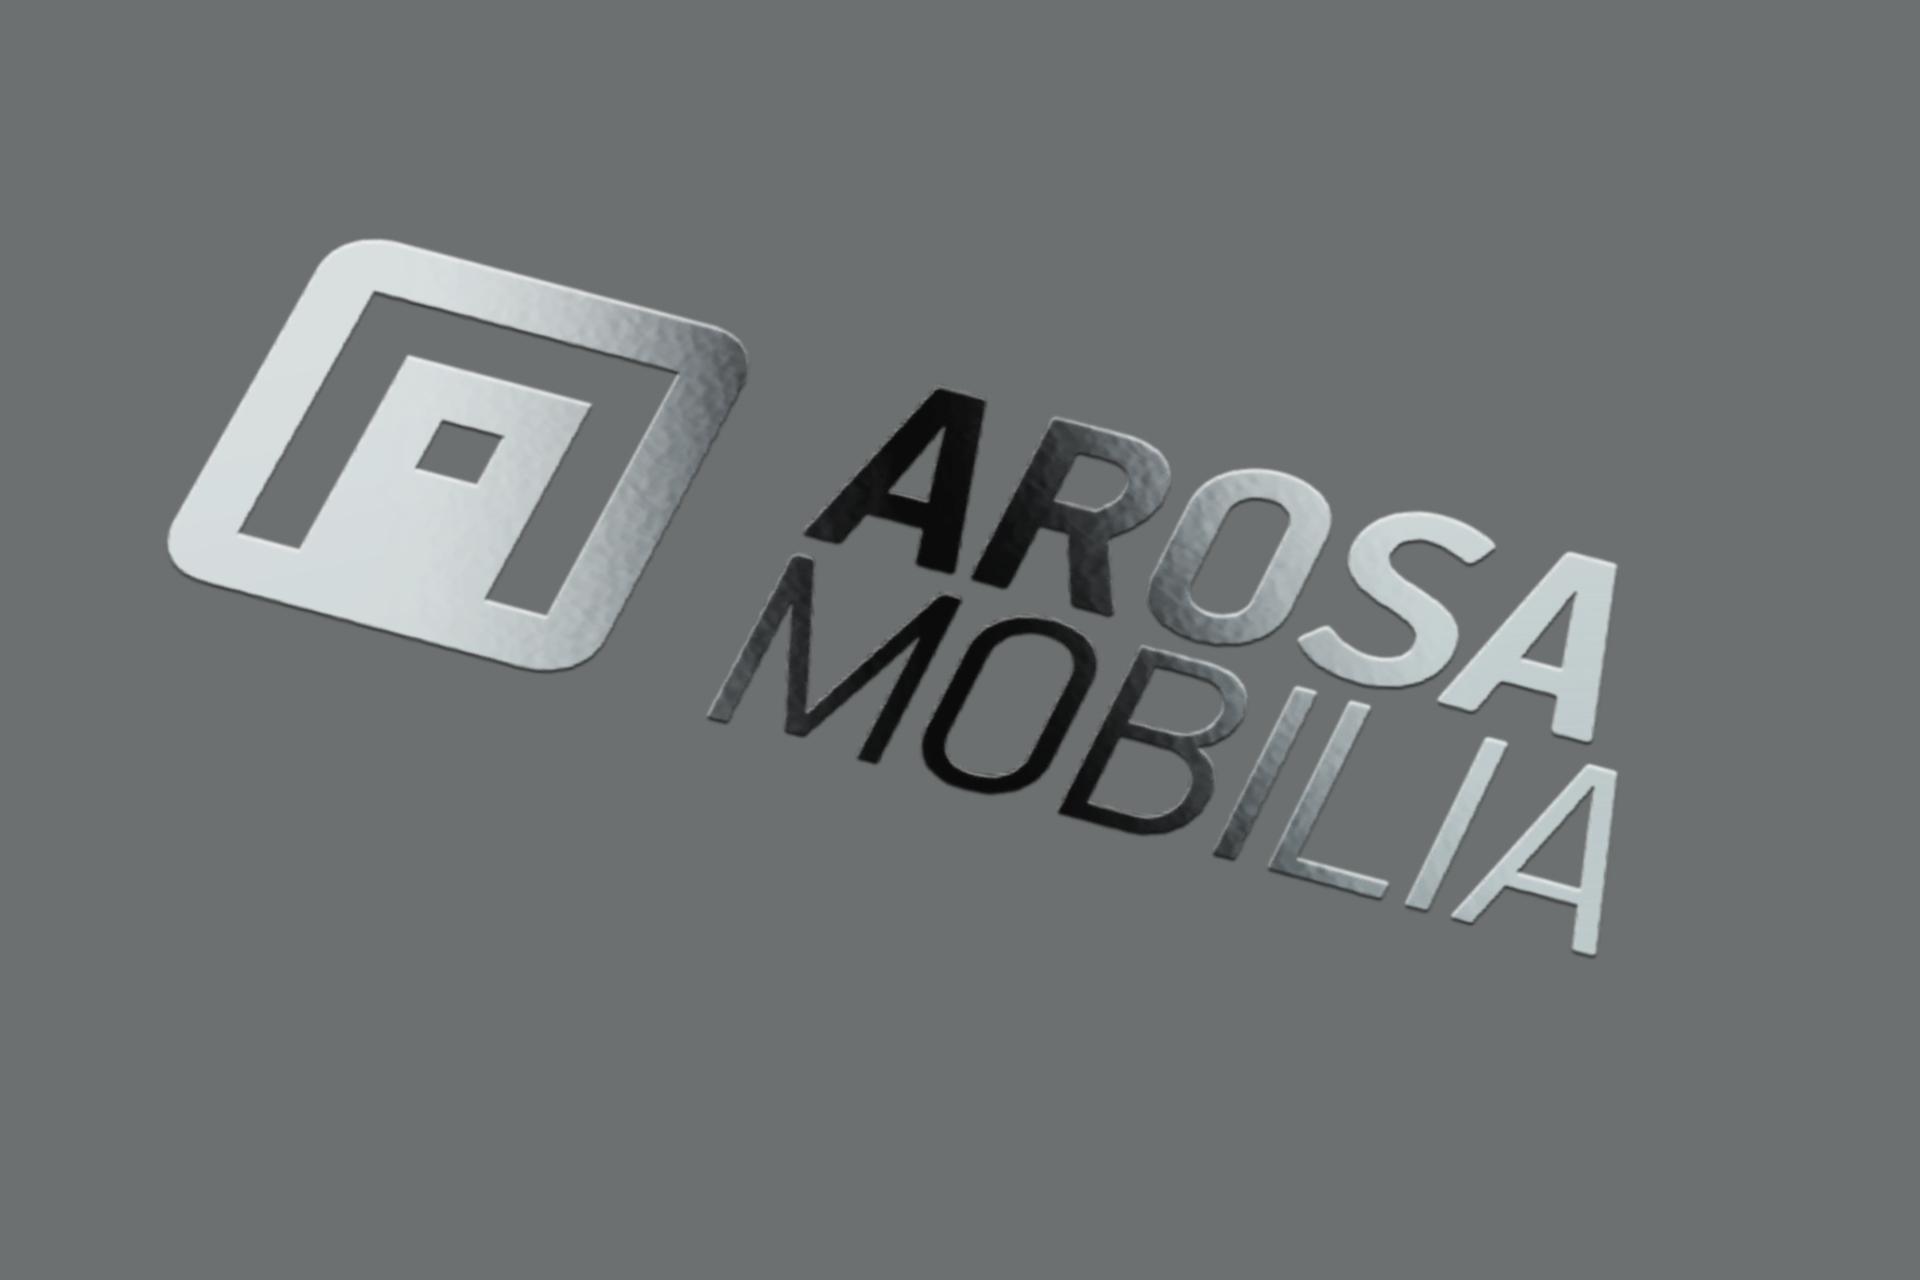 arosa_logo_uv